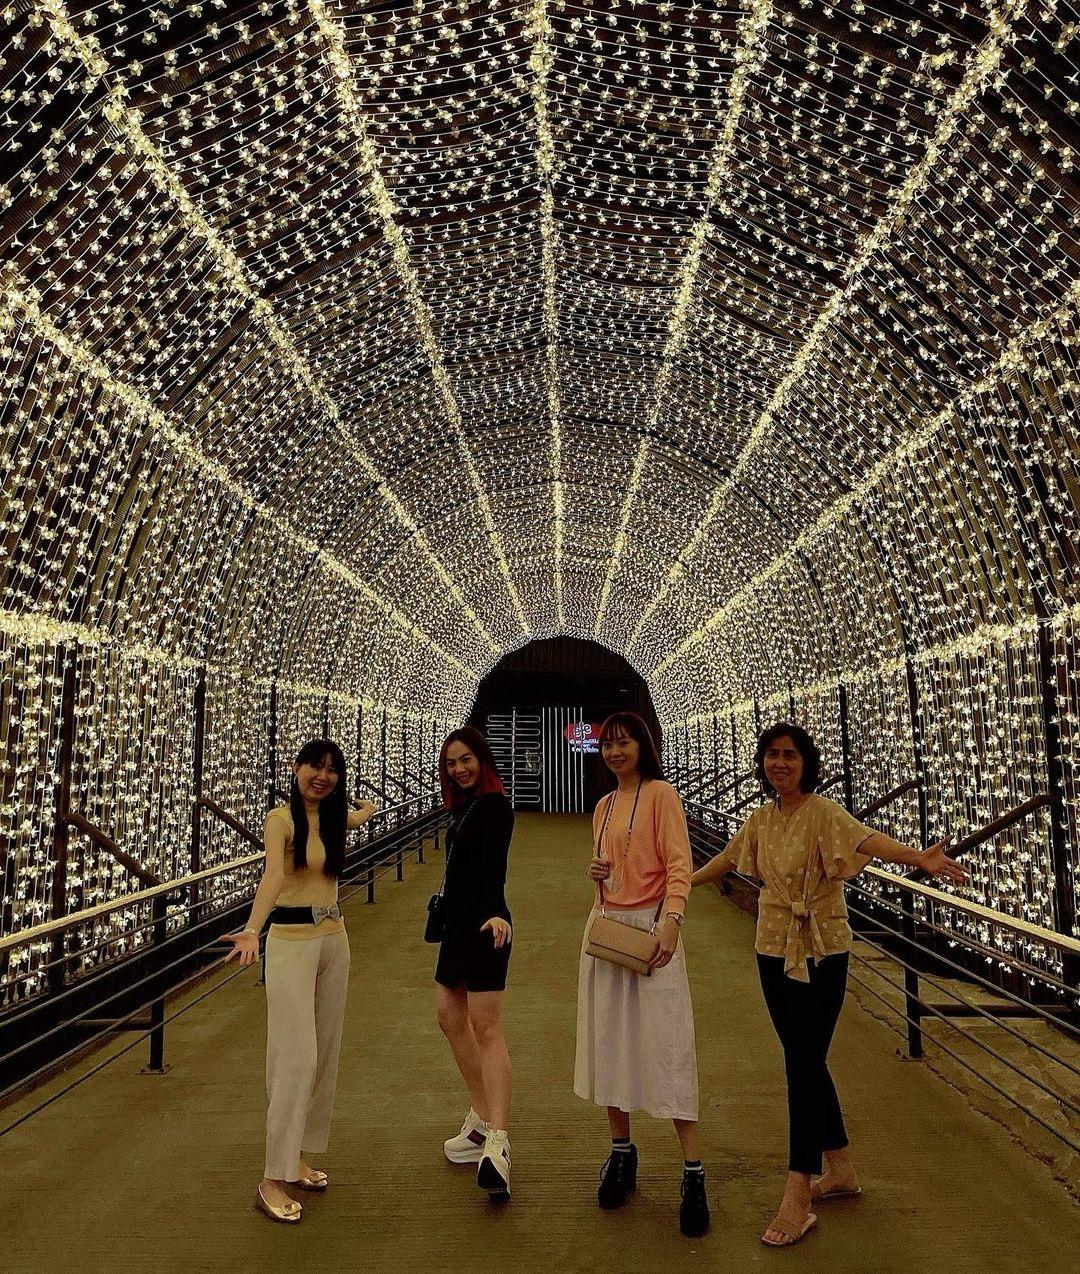 Terowongan Lampu Di Milenial Glow Garden Malang